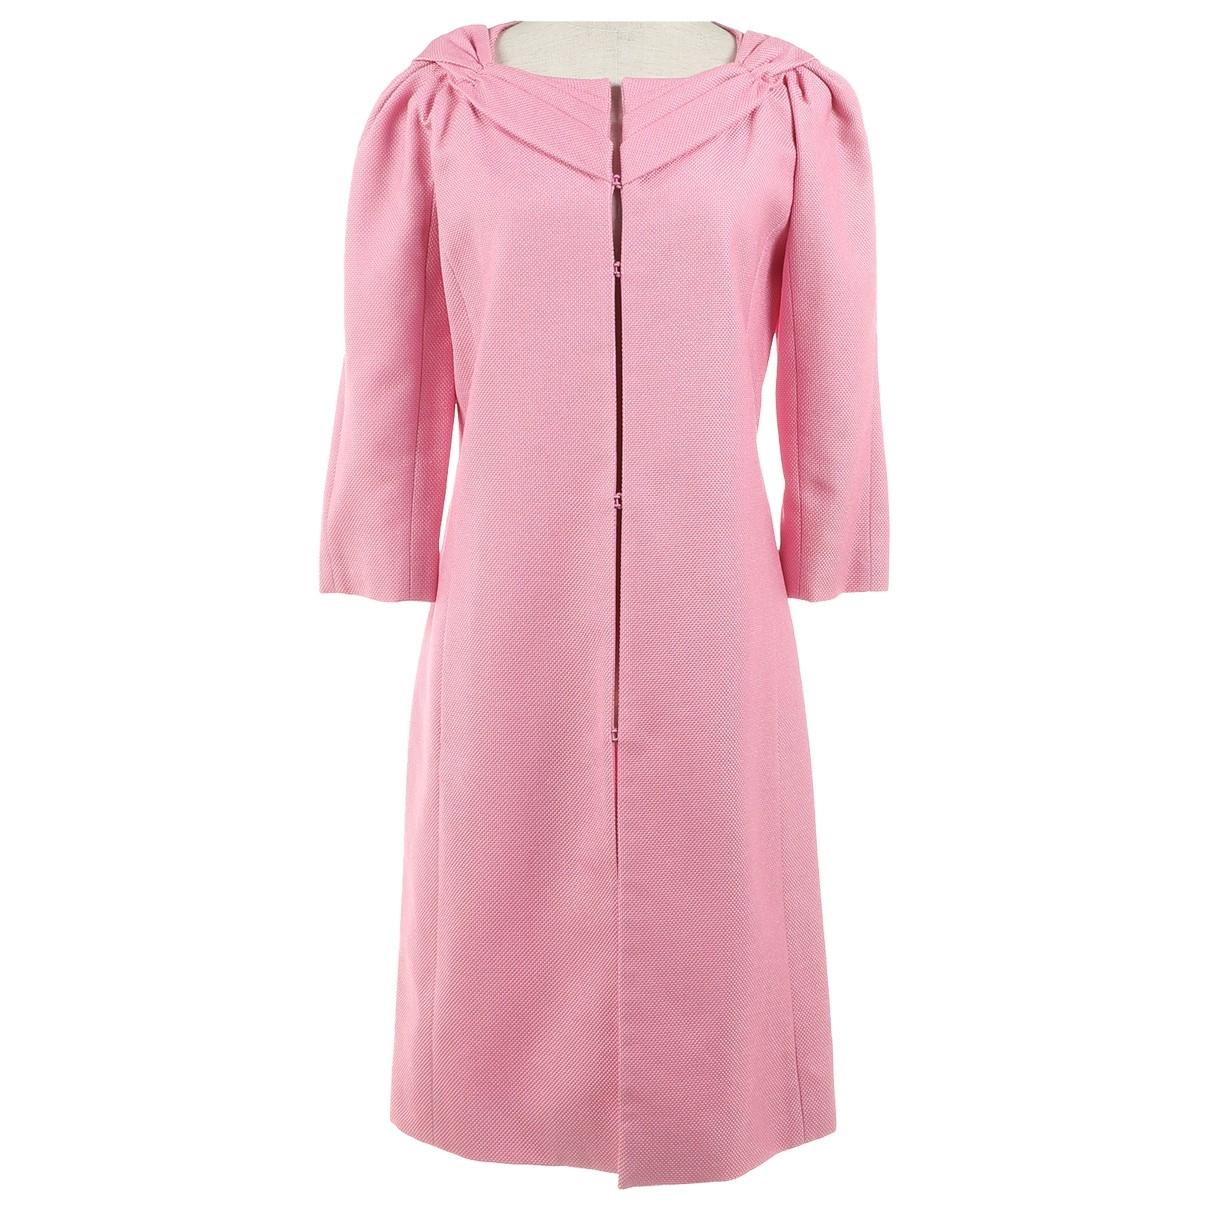 Valentino Garavani N Pink Cotton jacket for Women 40 IT